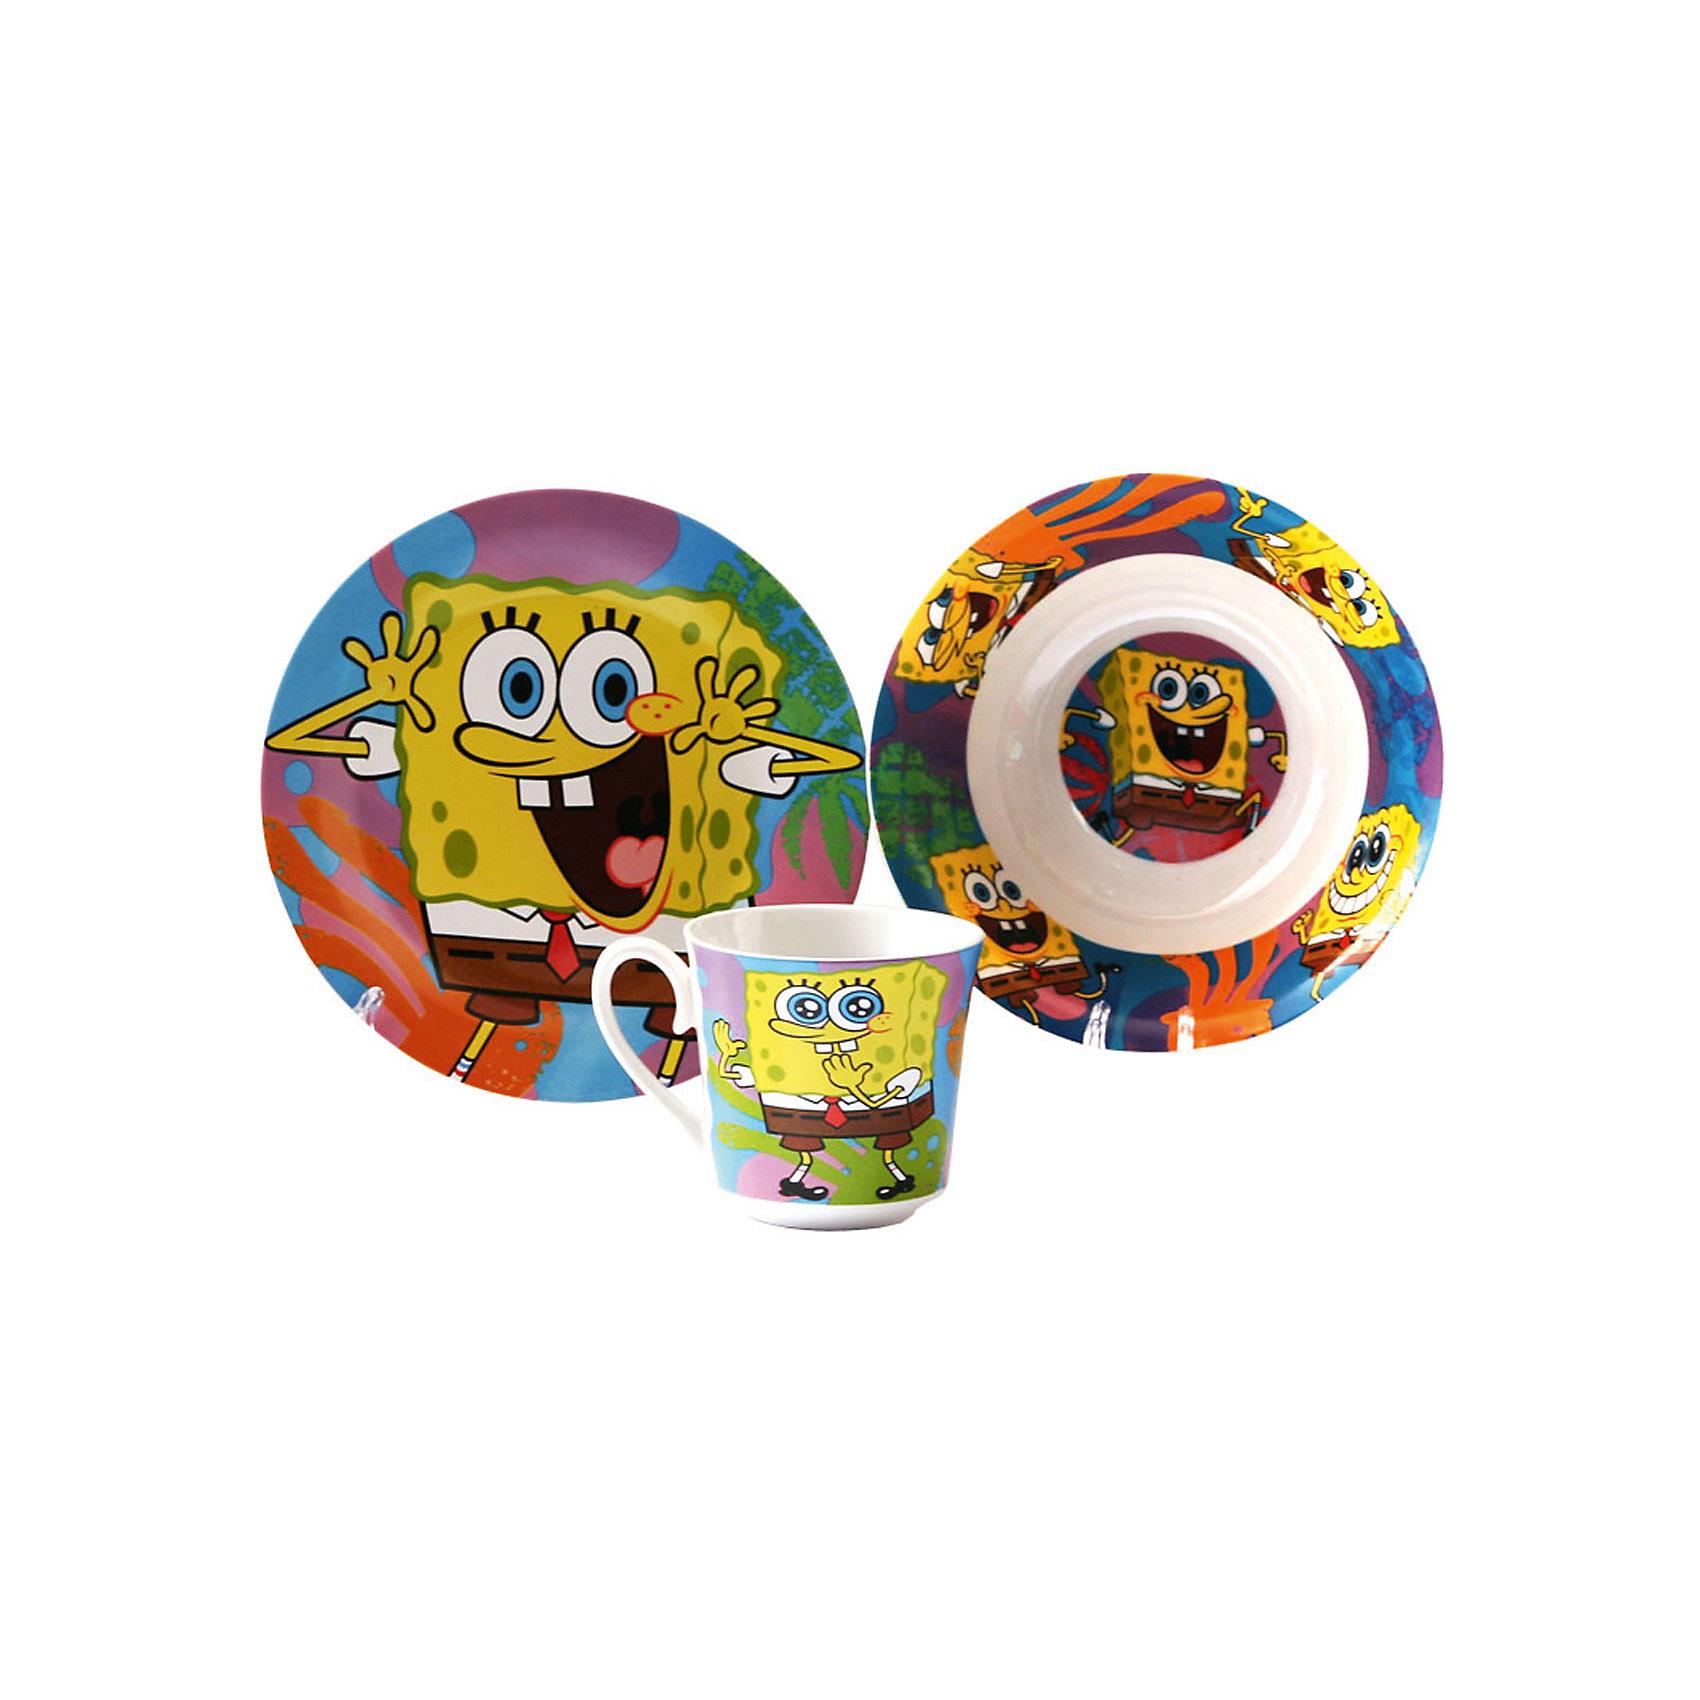 Набор керамической посуды Яркий мир (3 предмета), Губка БобНабор керамической посуды Яркий мир (3 предмета), Губка Боб - яркая посуда с героем мультсериала Губка Боб порадует Вашего ребенка.<br>Красочный набор посуды Яркий мир выполненный из качественной керамики, идеально подойдет для повседневного использования. В комплект входят: тарелка, миска и кружка. Все предметы выполнены в оригинальном дизайне с изображением веселого, жизнерадостного Губки Боба. Набор упакован в подарочную коробку из плотного картона. Набор посуды непременно доставит массу удовольствия вашему ребенку. Допустимо использование в посудомоечной машине и СВЧ-печи.<br><br>Дополнительная информация:<br><br>- В наборе: кружка 220 мл, миска 18 см, тарелка 19 см.<br>- Материал: керамика<br>- Упаковка: подарочная картонная коробка<br>- Размер упаковки: 27х9х27 см.<br>- Вес: 1 кг.<br><br>Набор керамической посуды Яркий мир (3 предмета), Губка Боб можно купить в нашем интернет-магазине.<br><br>Ширина мм: 270<br>Глубина мм: 90<br>Высота мм: 270<br>Вес г: 1000<br>Возраст от месяцев: 36<br>Возраст до месяцев: 144<br>Пол: Унисекс<br>Возраст: Детский<br>SKU: 4536218